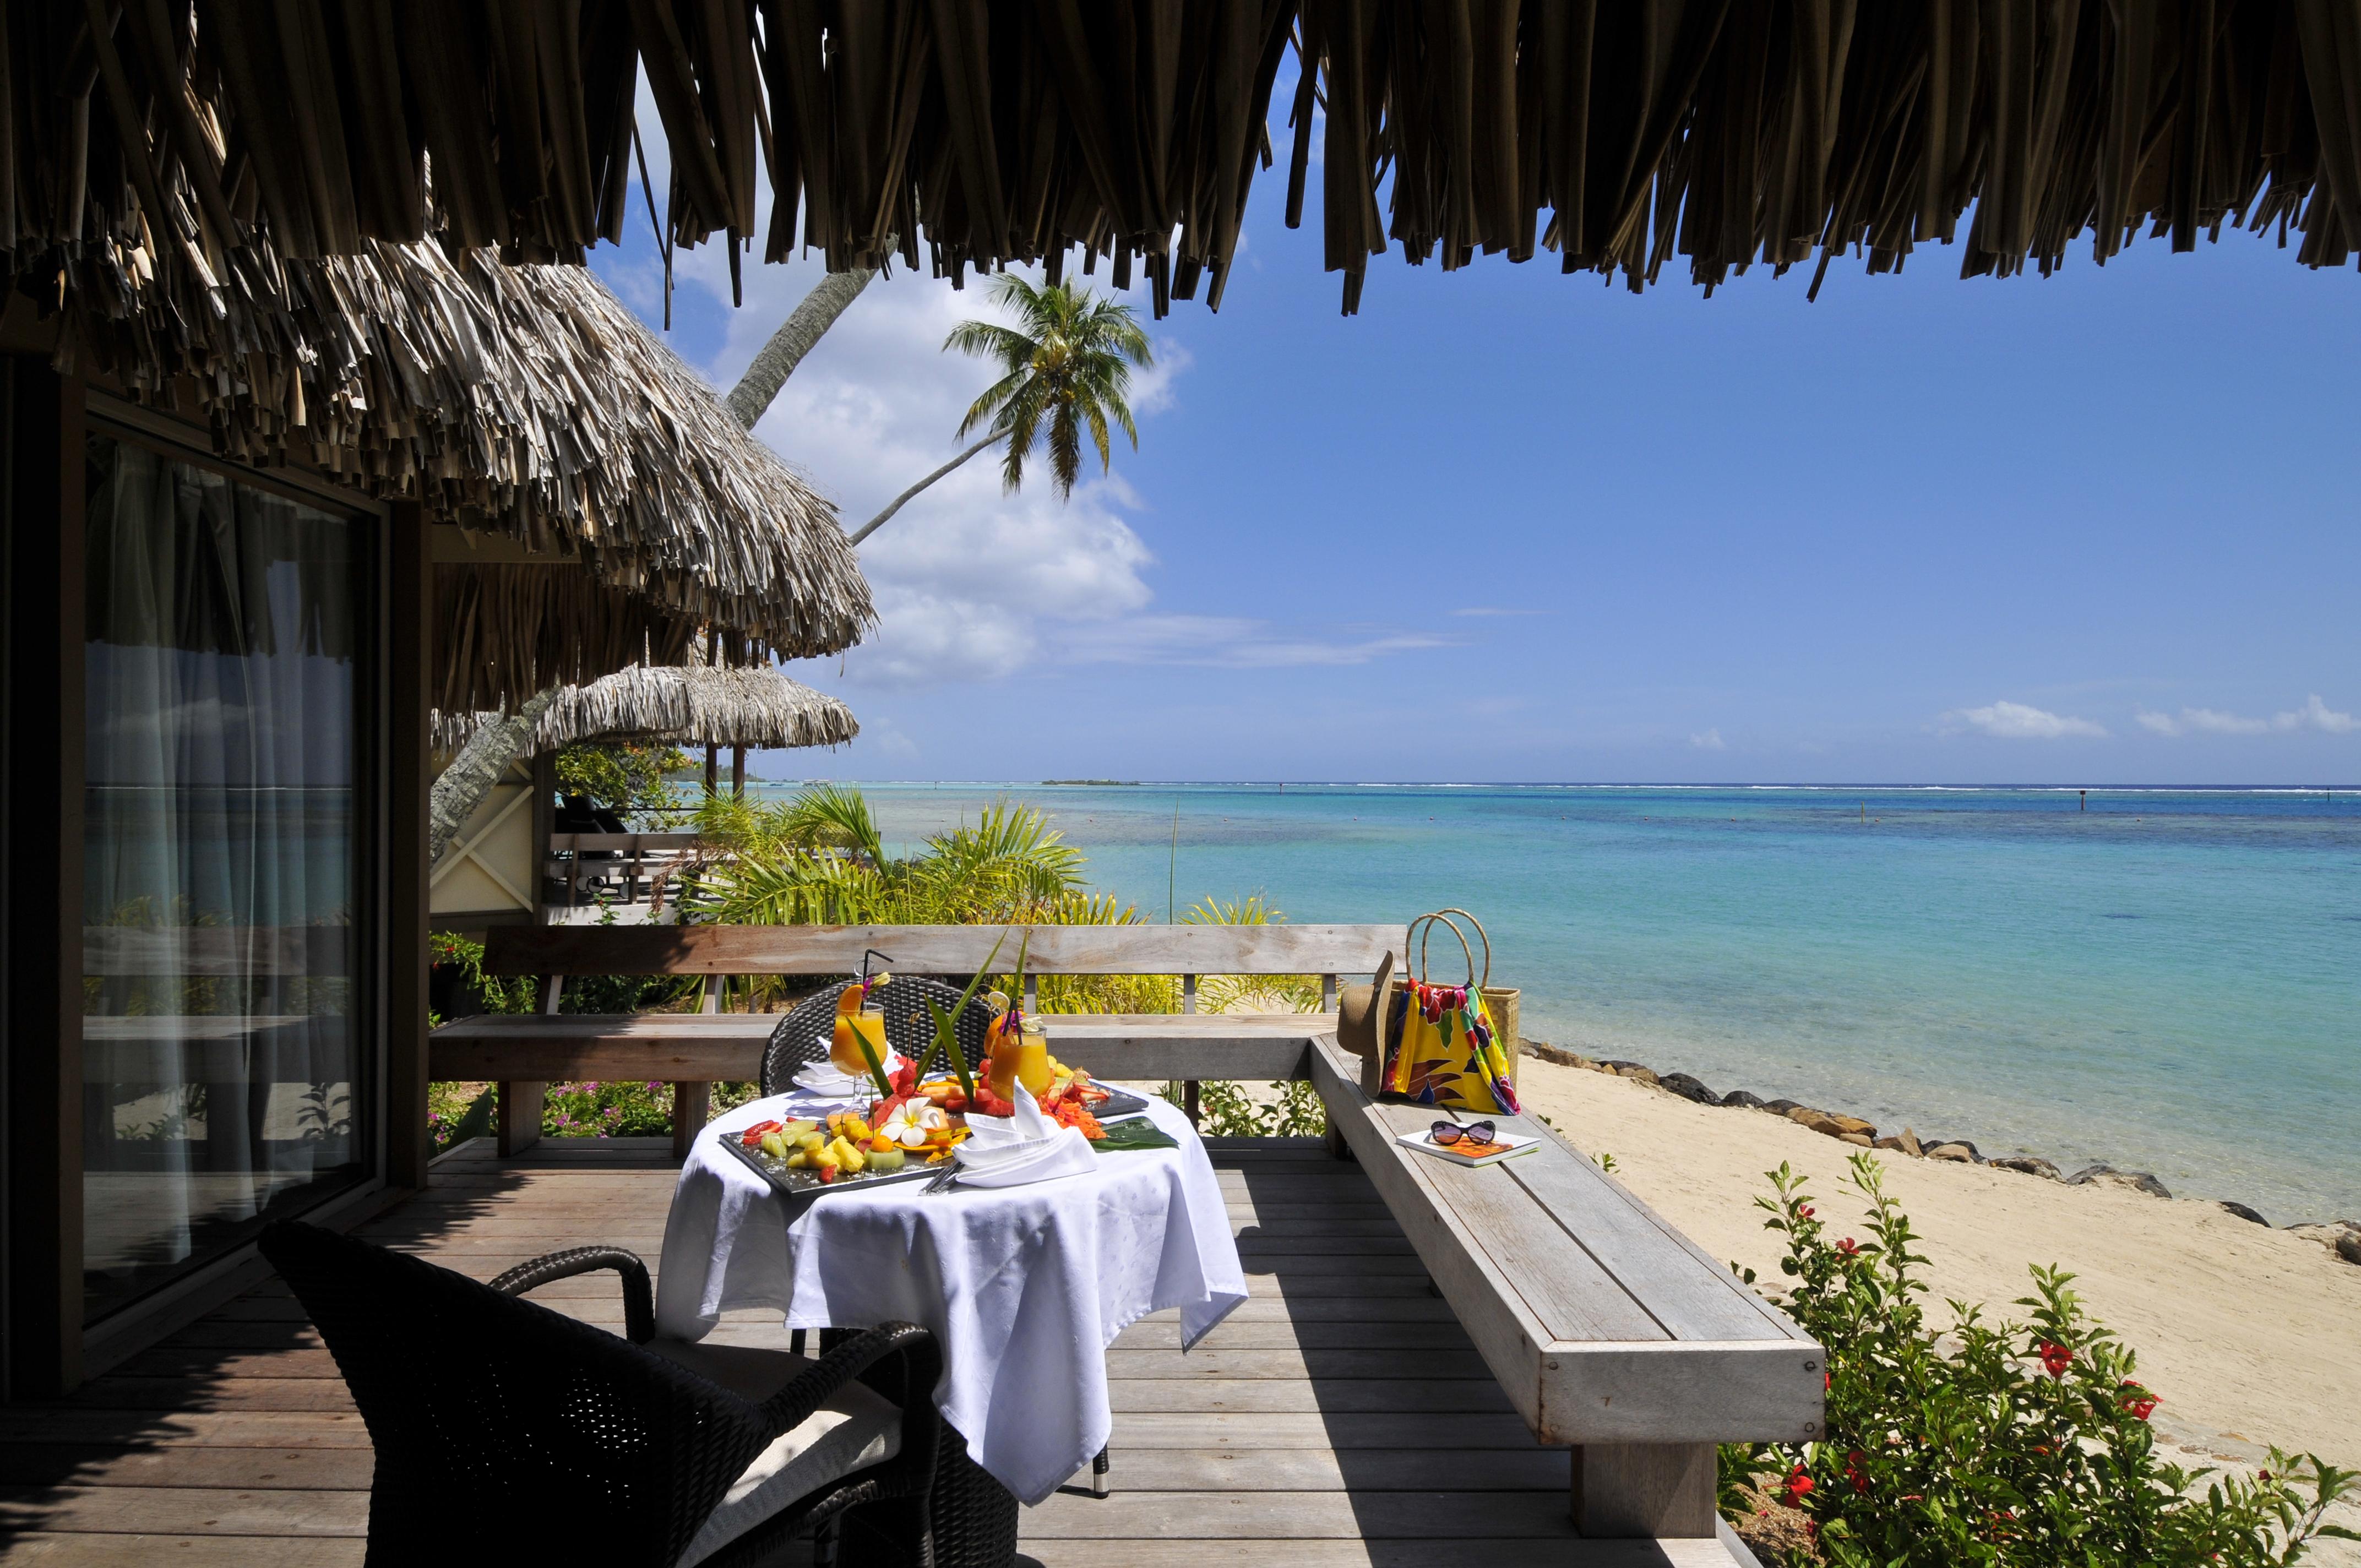 https://tahititourisme.com.au/wp-content/uploads/2017/10/Intercont-Moz-Beach-bungalow-premium-terrace.jpg